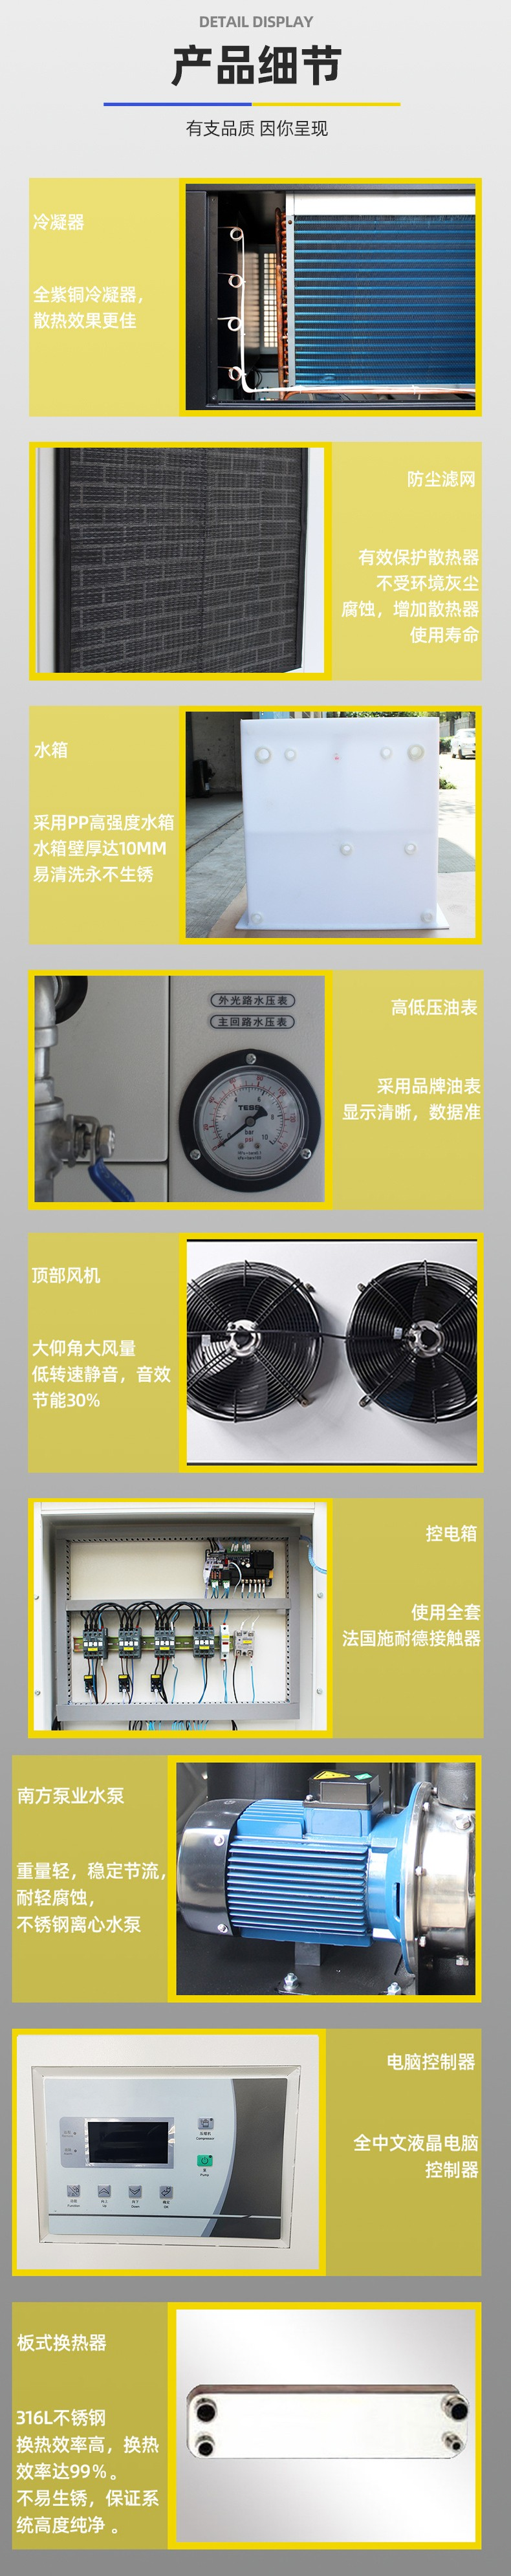 光纤激光冷水机_08.jpg